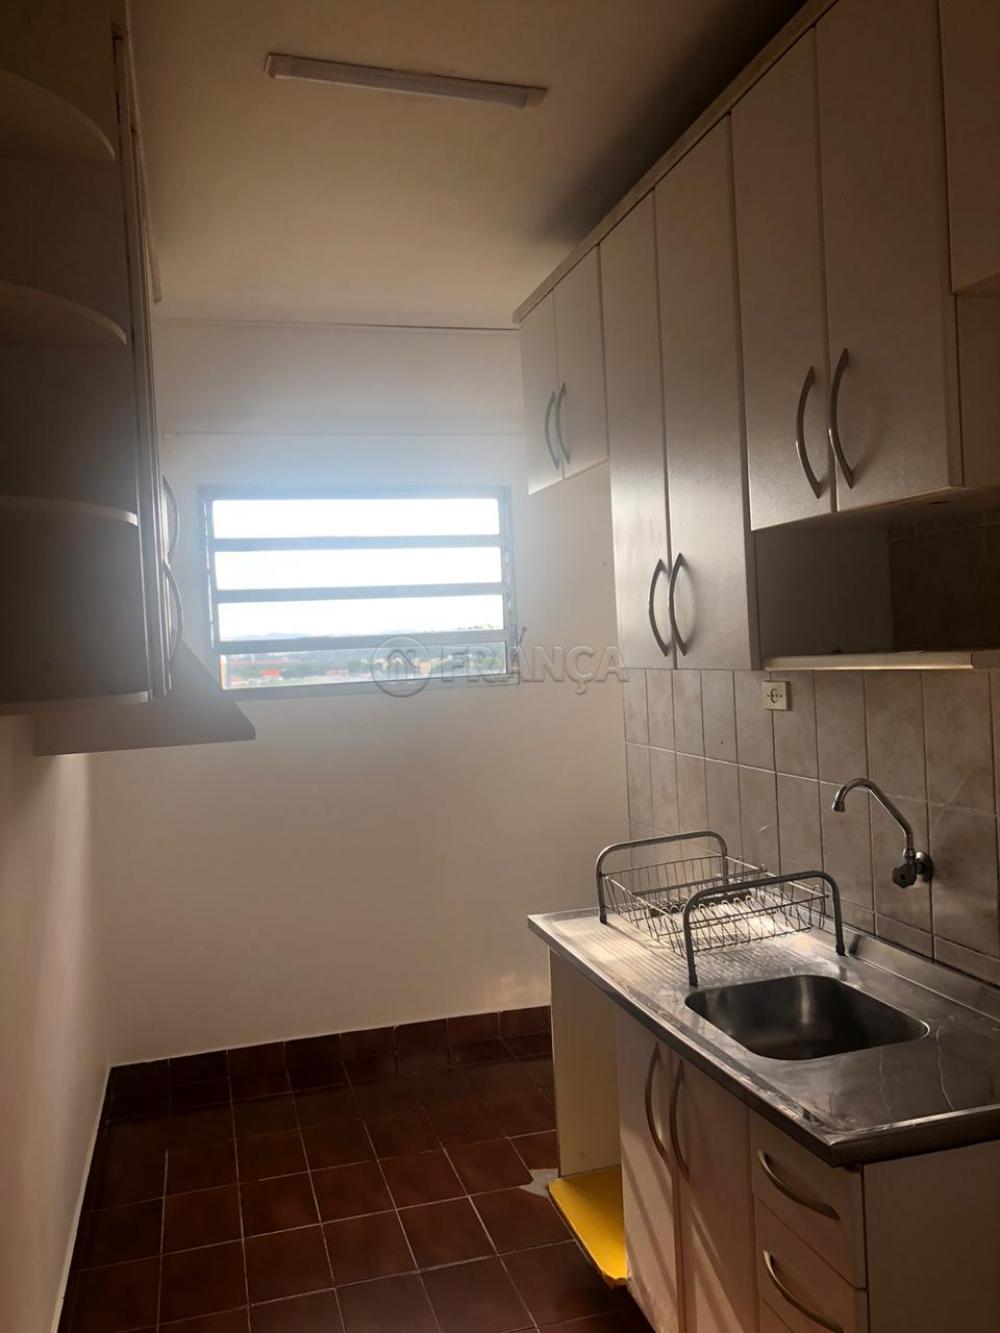 Alugar Apartamento / Padrão em Jacareí apenas R$ 650,00 - Foto 2